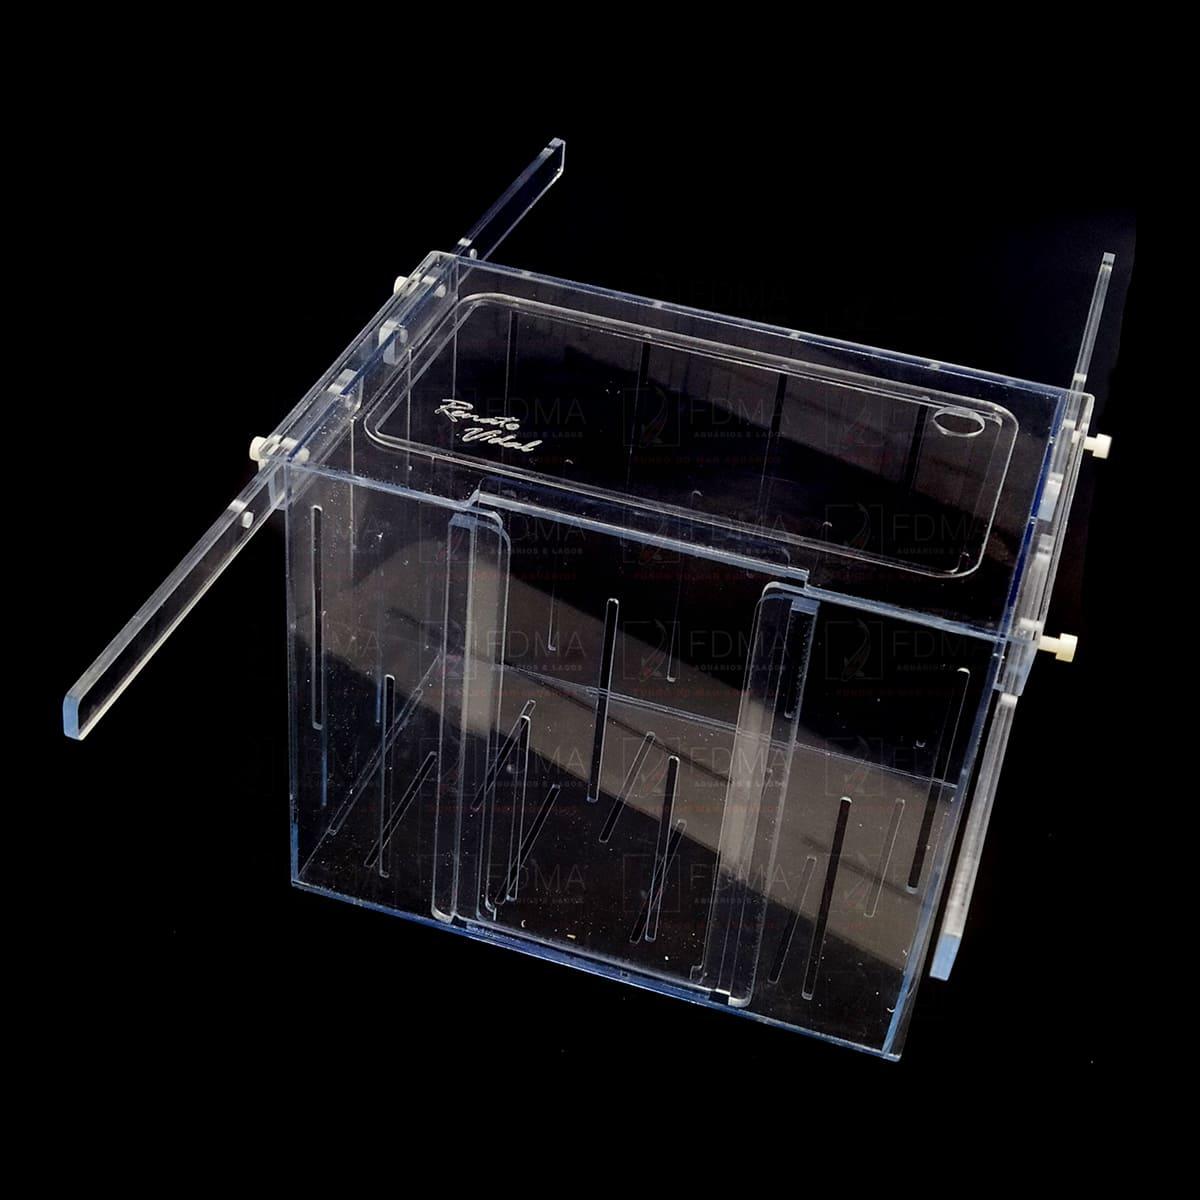 Caixa de Aclimatação/Ambientadora Acrílico 30Cx20Lx25A - RRJ